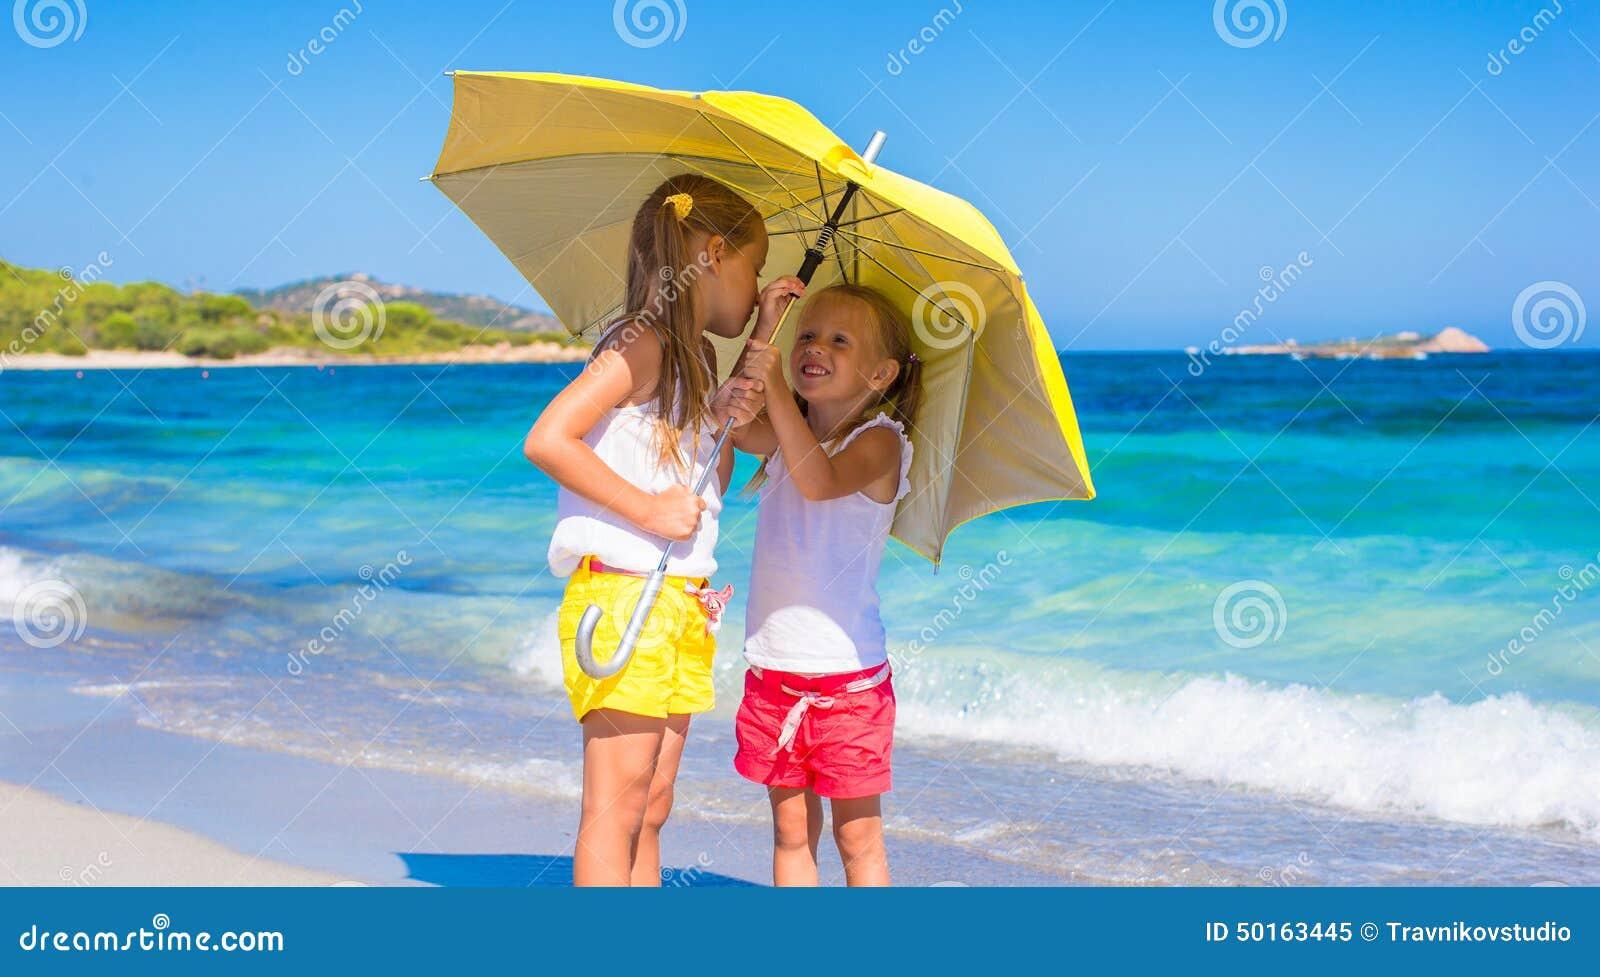 Μικρά κορίτσια με τη μεγάλη κίτρινη ομπρέλα κατά τη διάρκεια